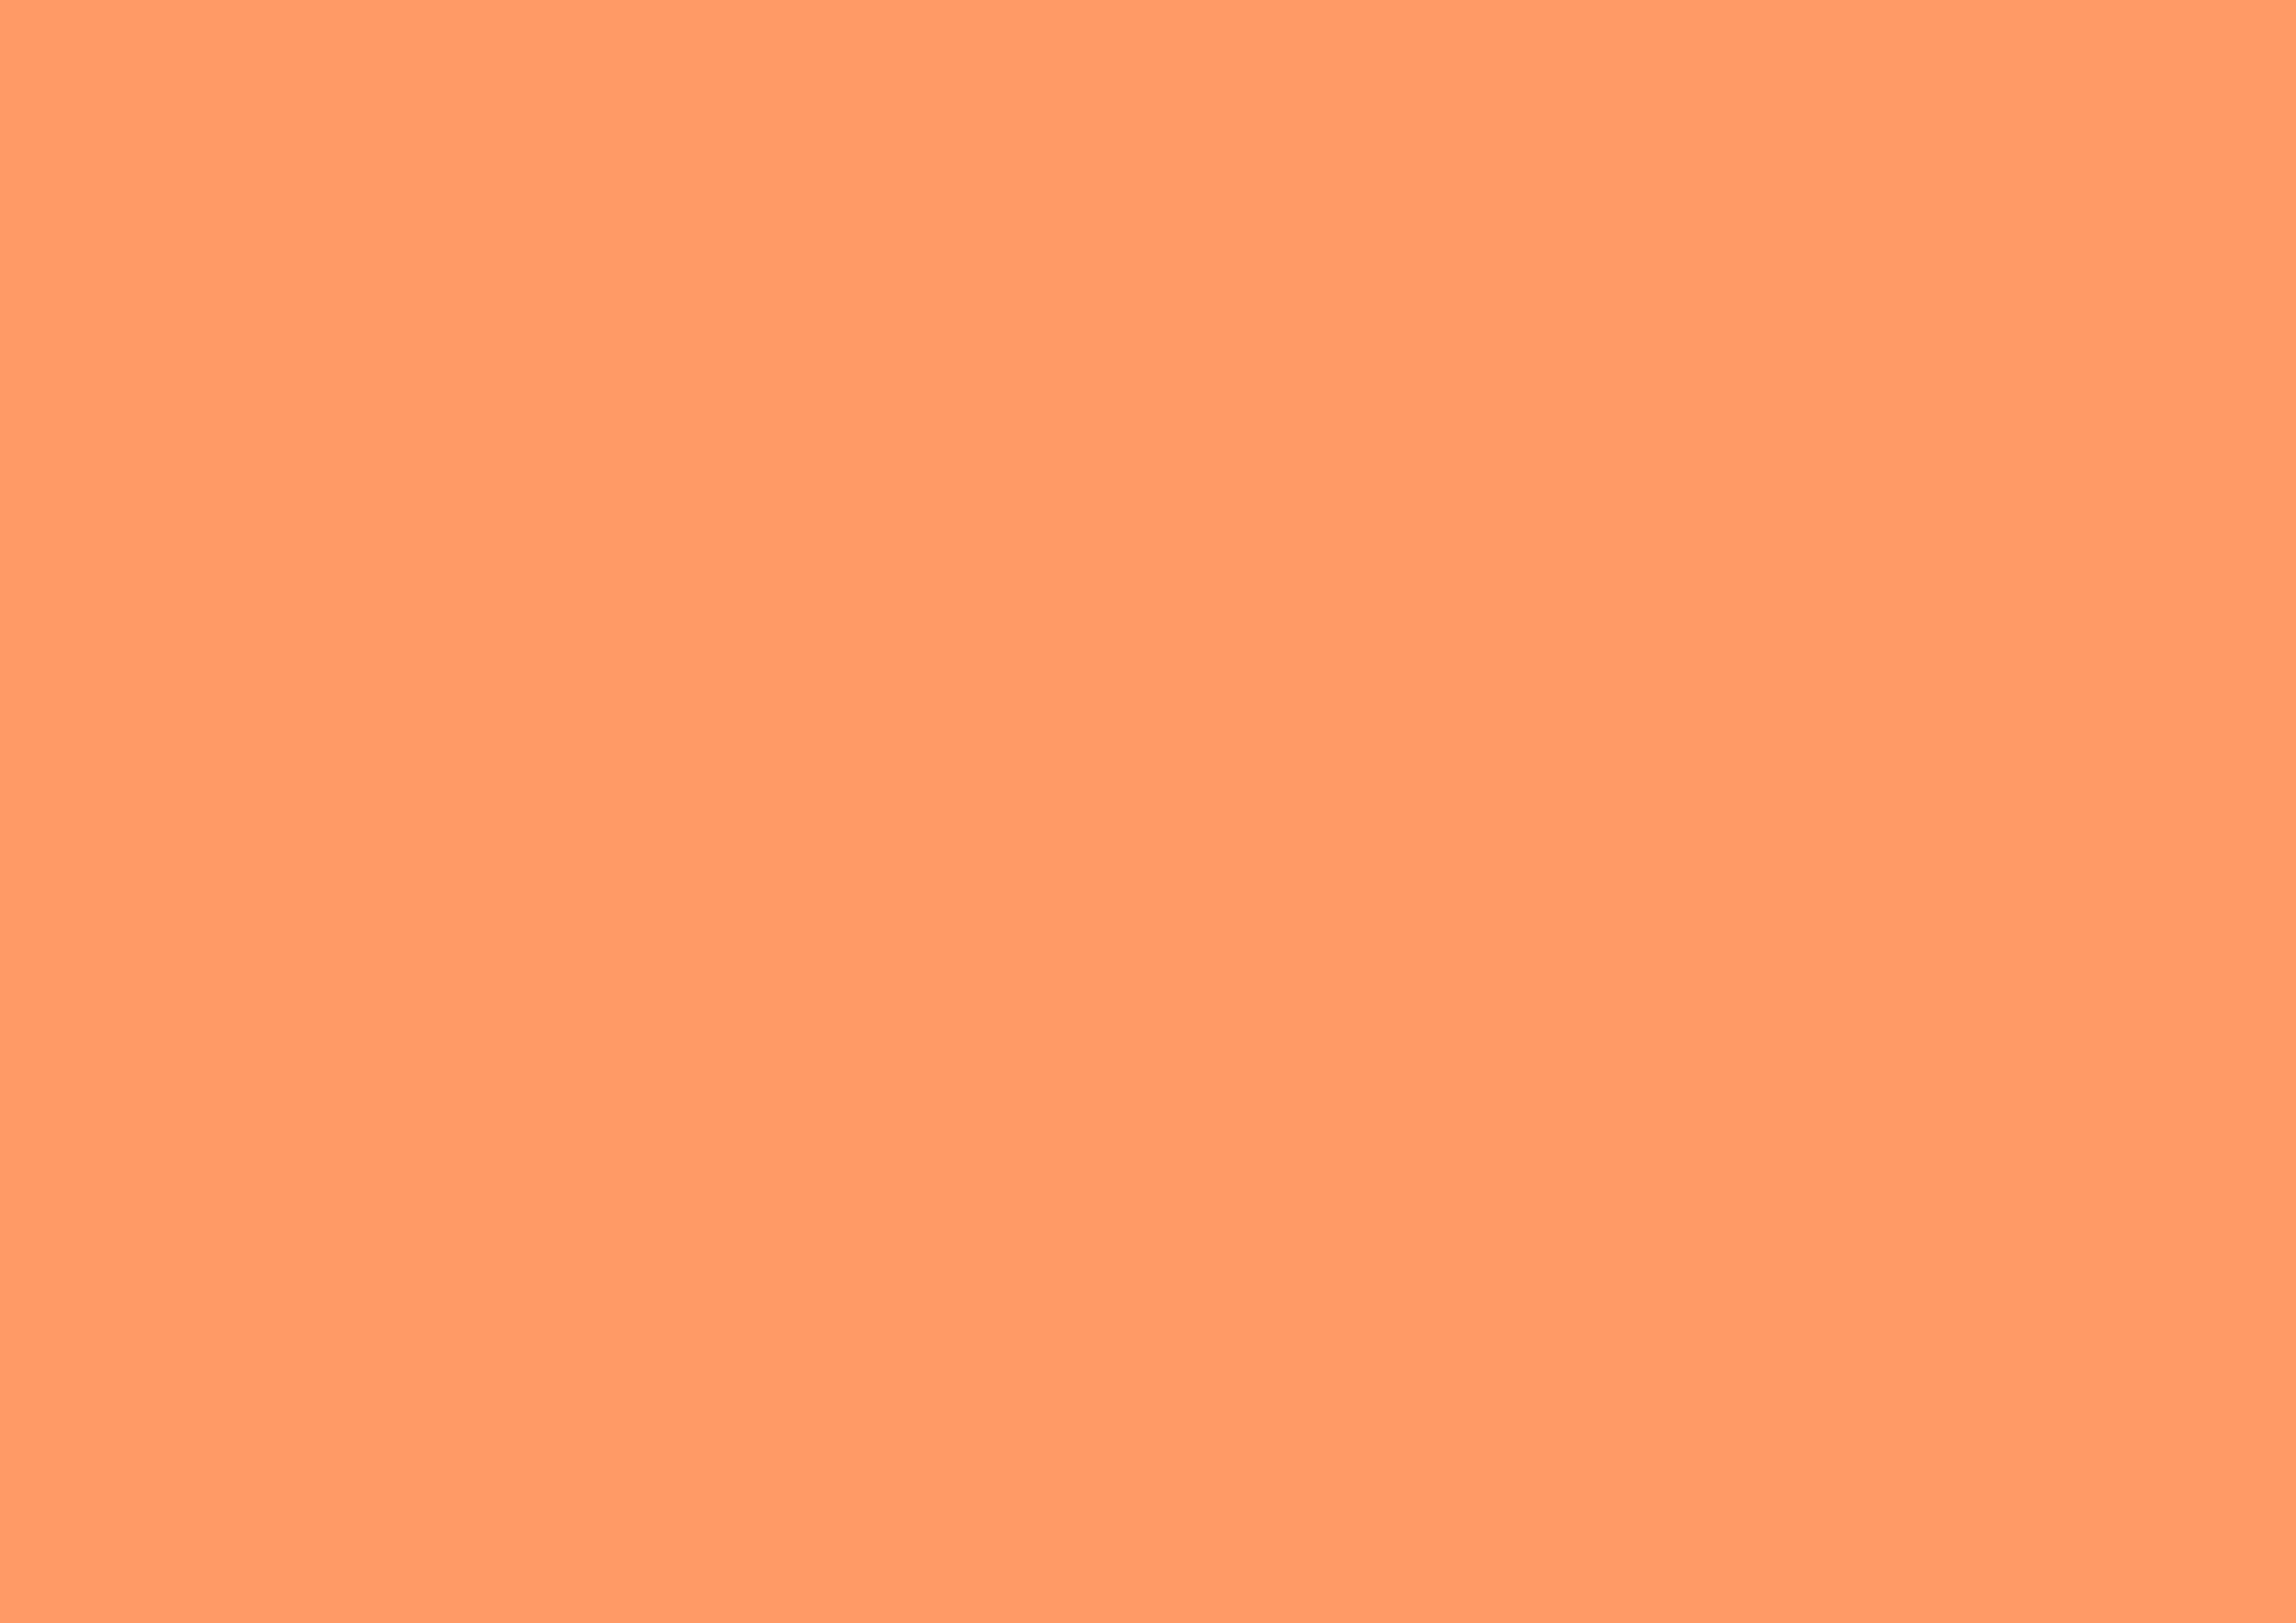 3508x2480 Pink-orange Solid Color Background